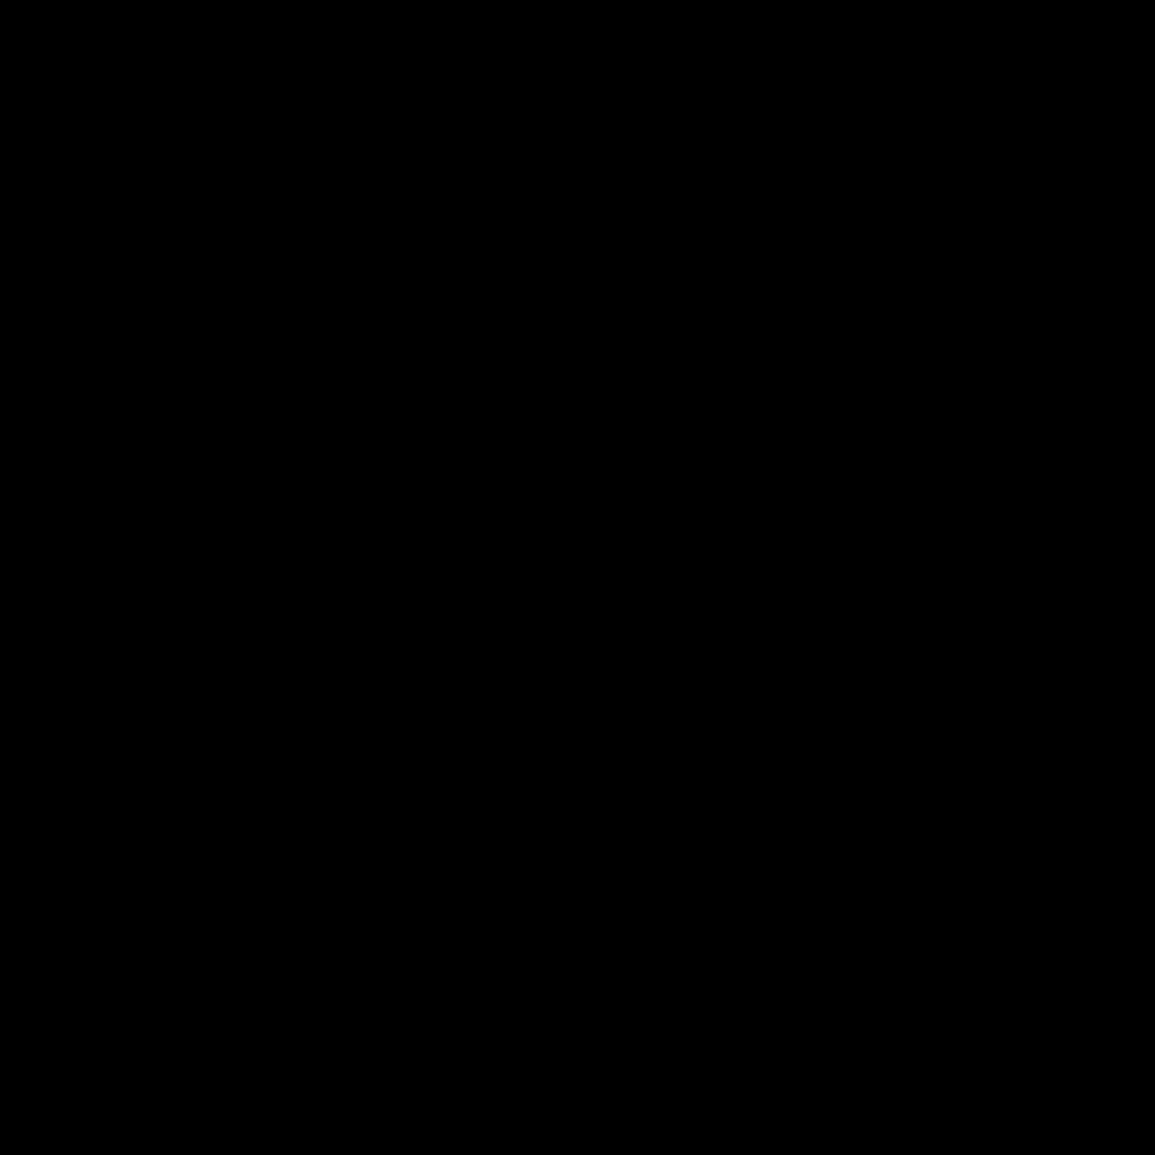 艶 E 大かな ETU-KL 字形見本